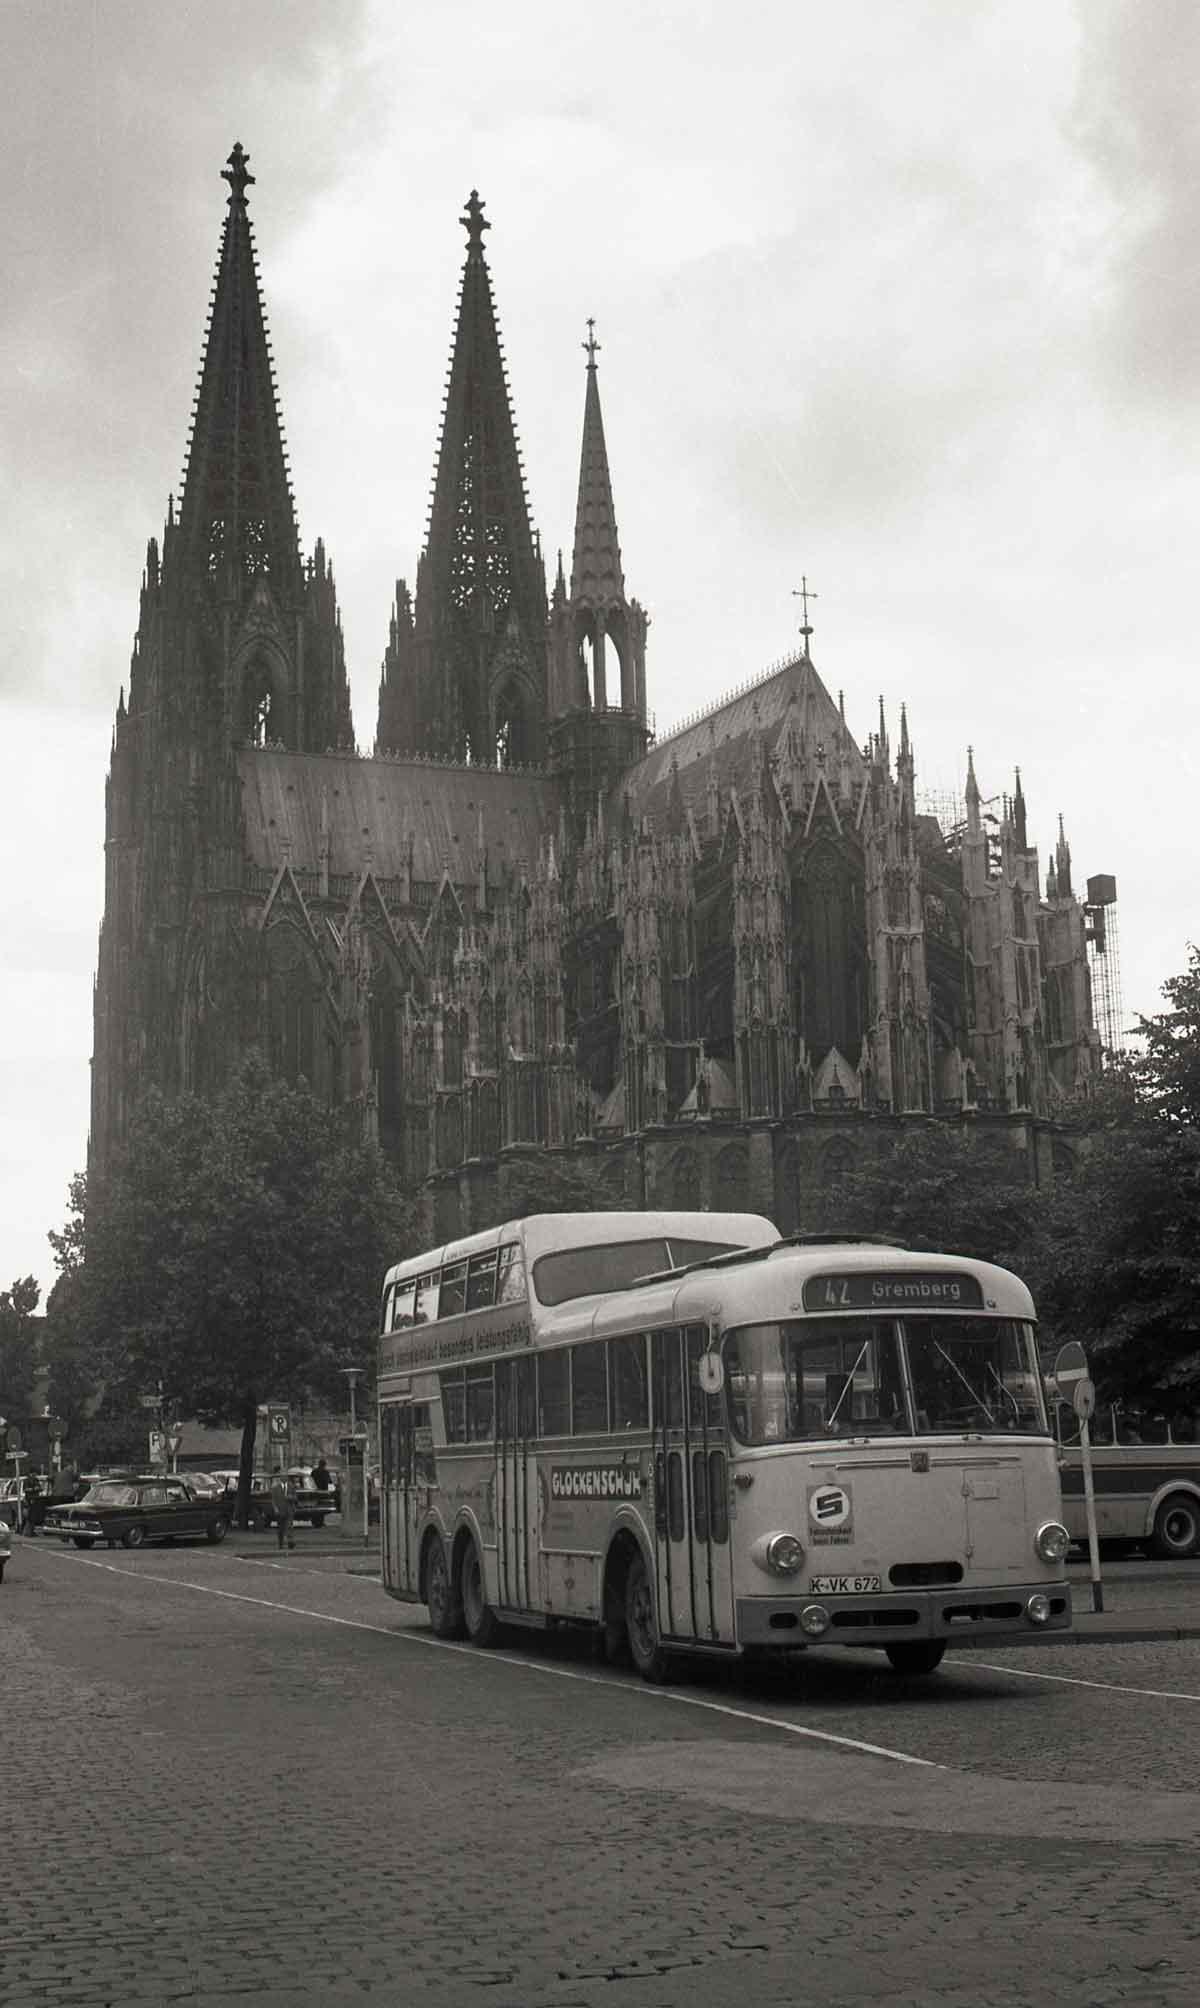 In der Nachkriegszeit etablierte sich der Busbetrieb zum zweiten Standbein der KVB. Wegen wachsender Fahrgastzahlen waren zwischen 1960 und 1980 auch Anderthalbdecker im Einsatz. Buslinie 42 am Dom/Hbf, um 1965.